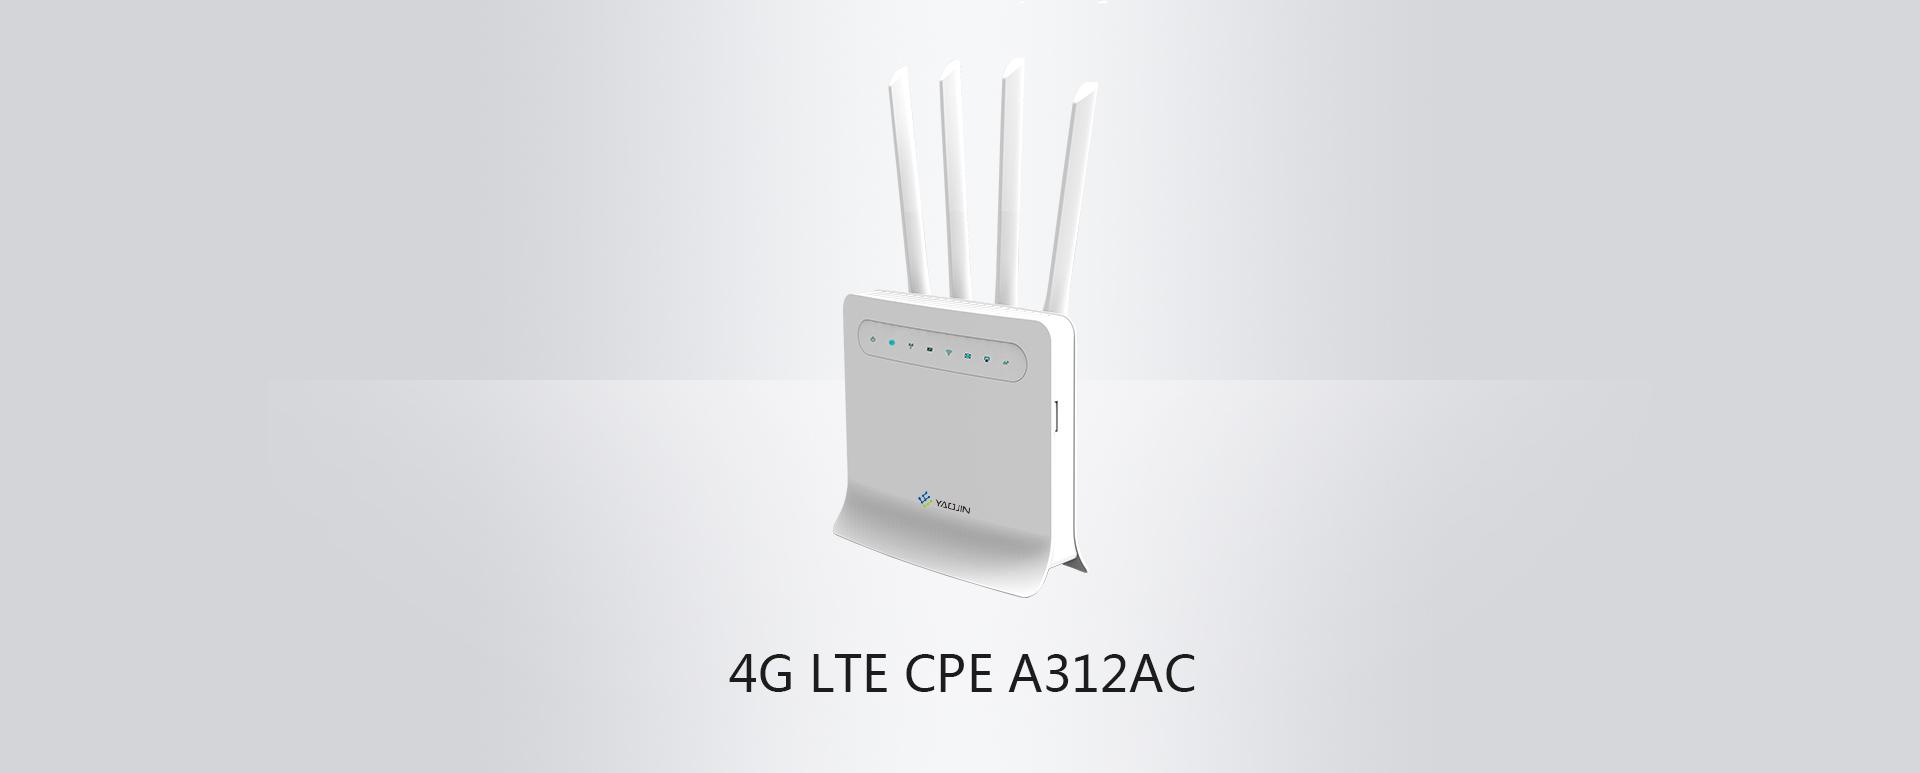 4G LTE CPE A312AC